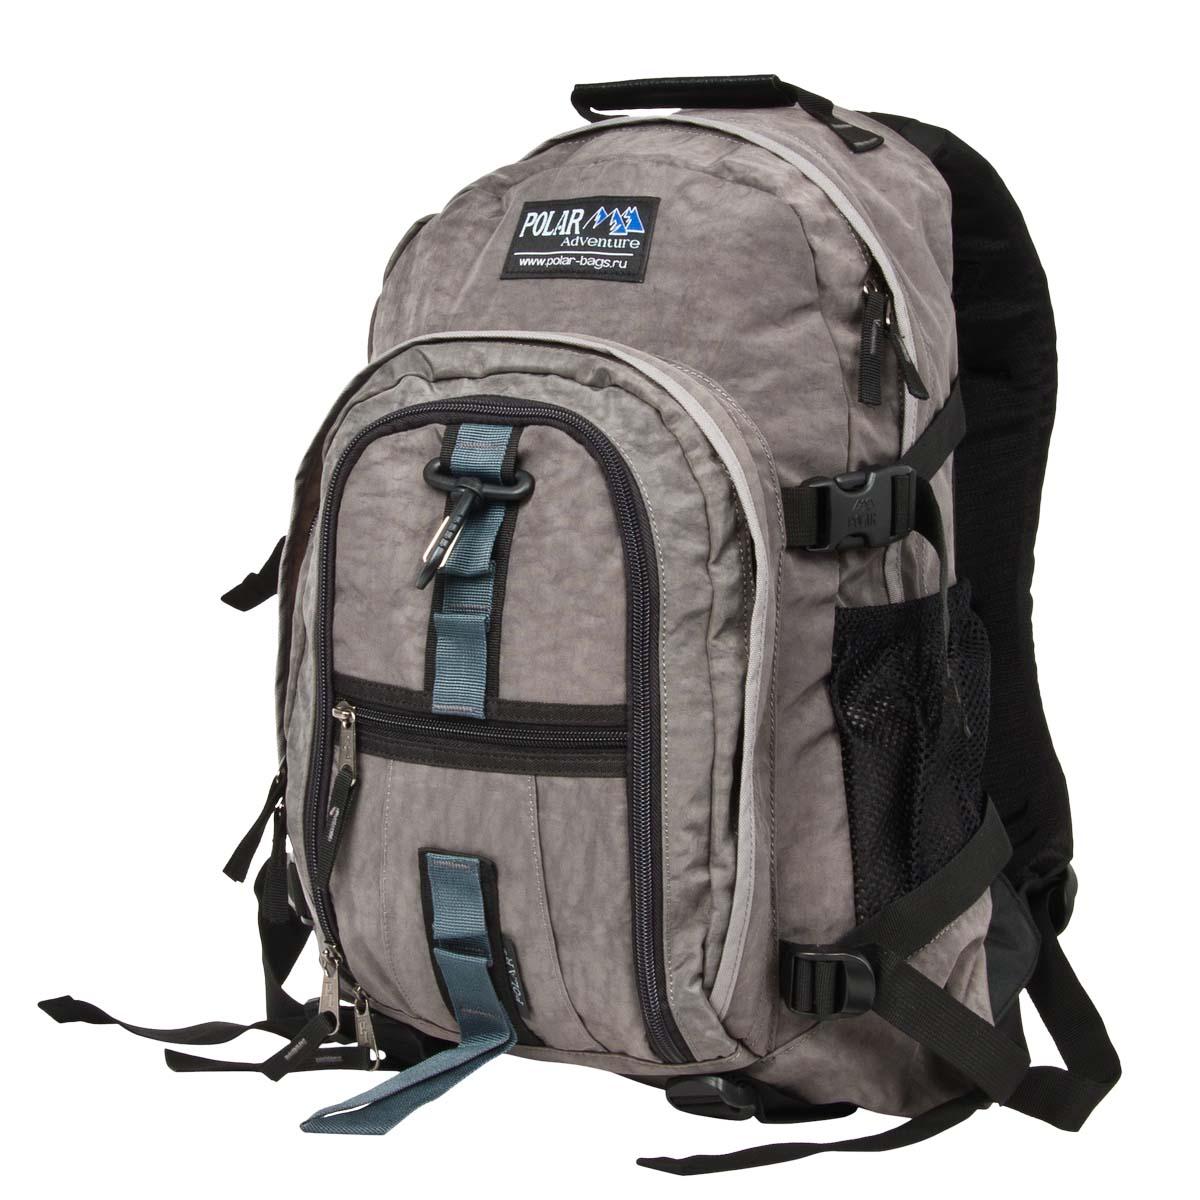 Рюкзак городской Polar, 27 л, цвет: темно-серый. П1955-06П1955-06Городской рюкзак с модным дизайном. Полностью вентилируемая и удобная мягкая спинка, мягкие плечевые лямки создают дополнительный комфорт при ношении. Центральный отсек для персональных вещей и документов A4 на двухсторонних молниях для удобства. Маленький карман для mp3, CD плеера. Два боковых кармана под бутылки с водой на резинке. Регулирующая грудная стяжка с удобным фиксатором. Регулирующий поясной ремень, удерживает плотно рюкзак на спине, что очень удобно при езде на велосипеде или продолжительных походах. Система циркуляции воздуха Air. Материал Polyester.